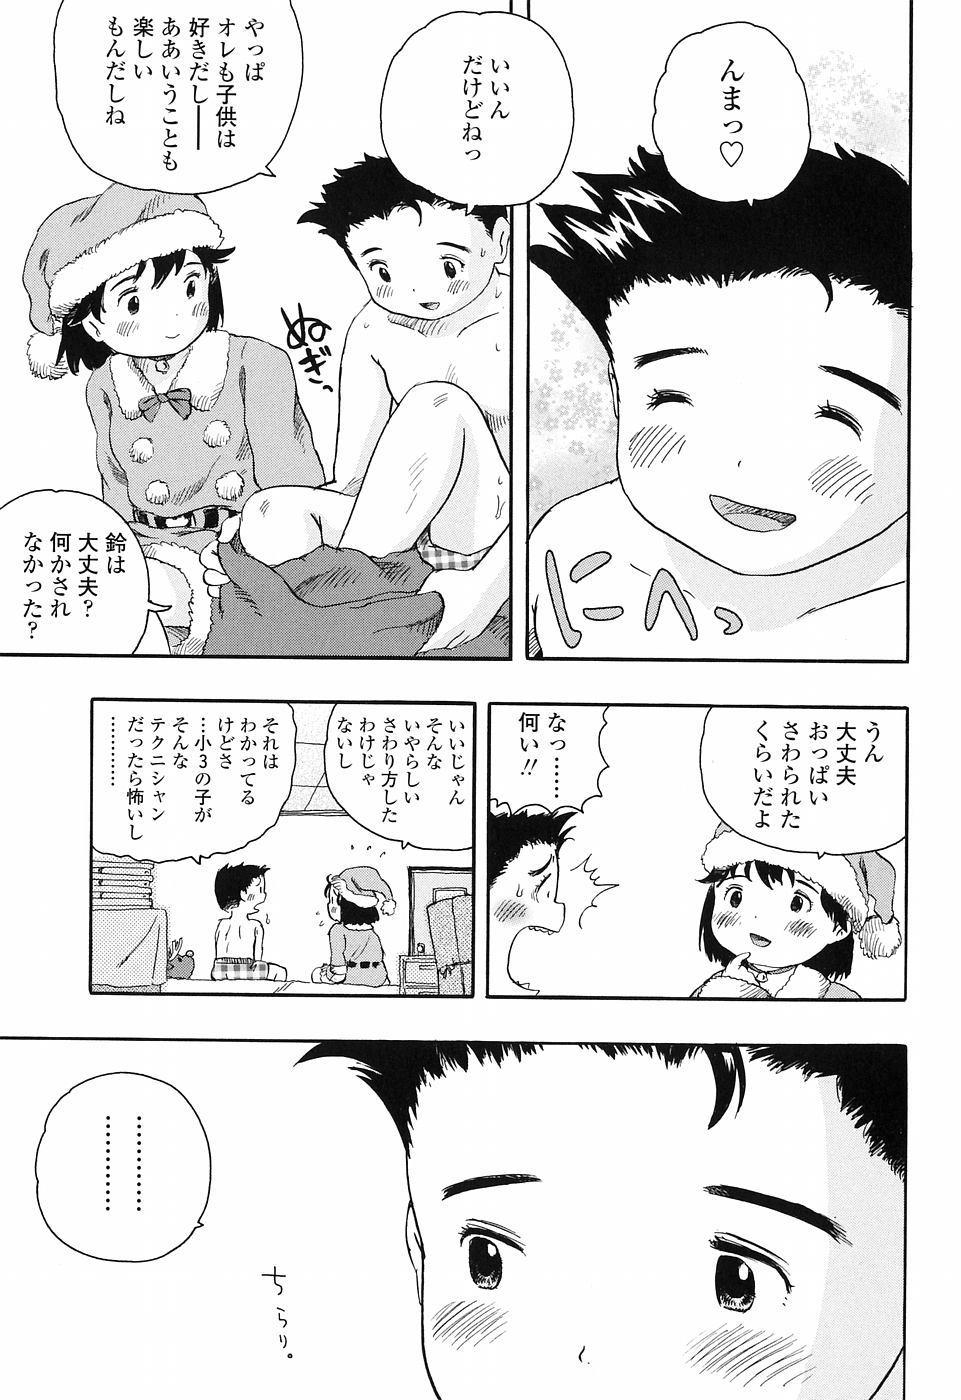 Koisuru Fukurami 94